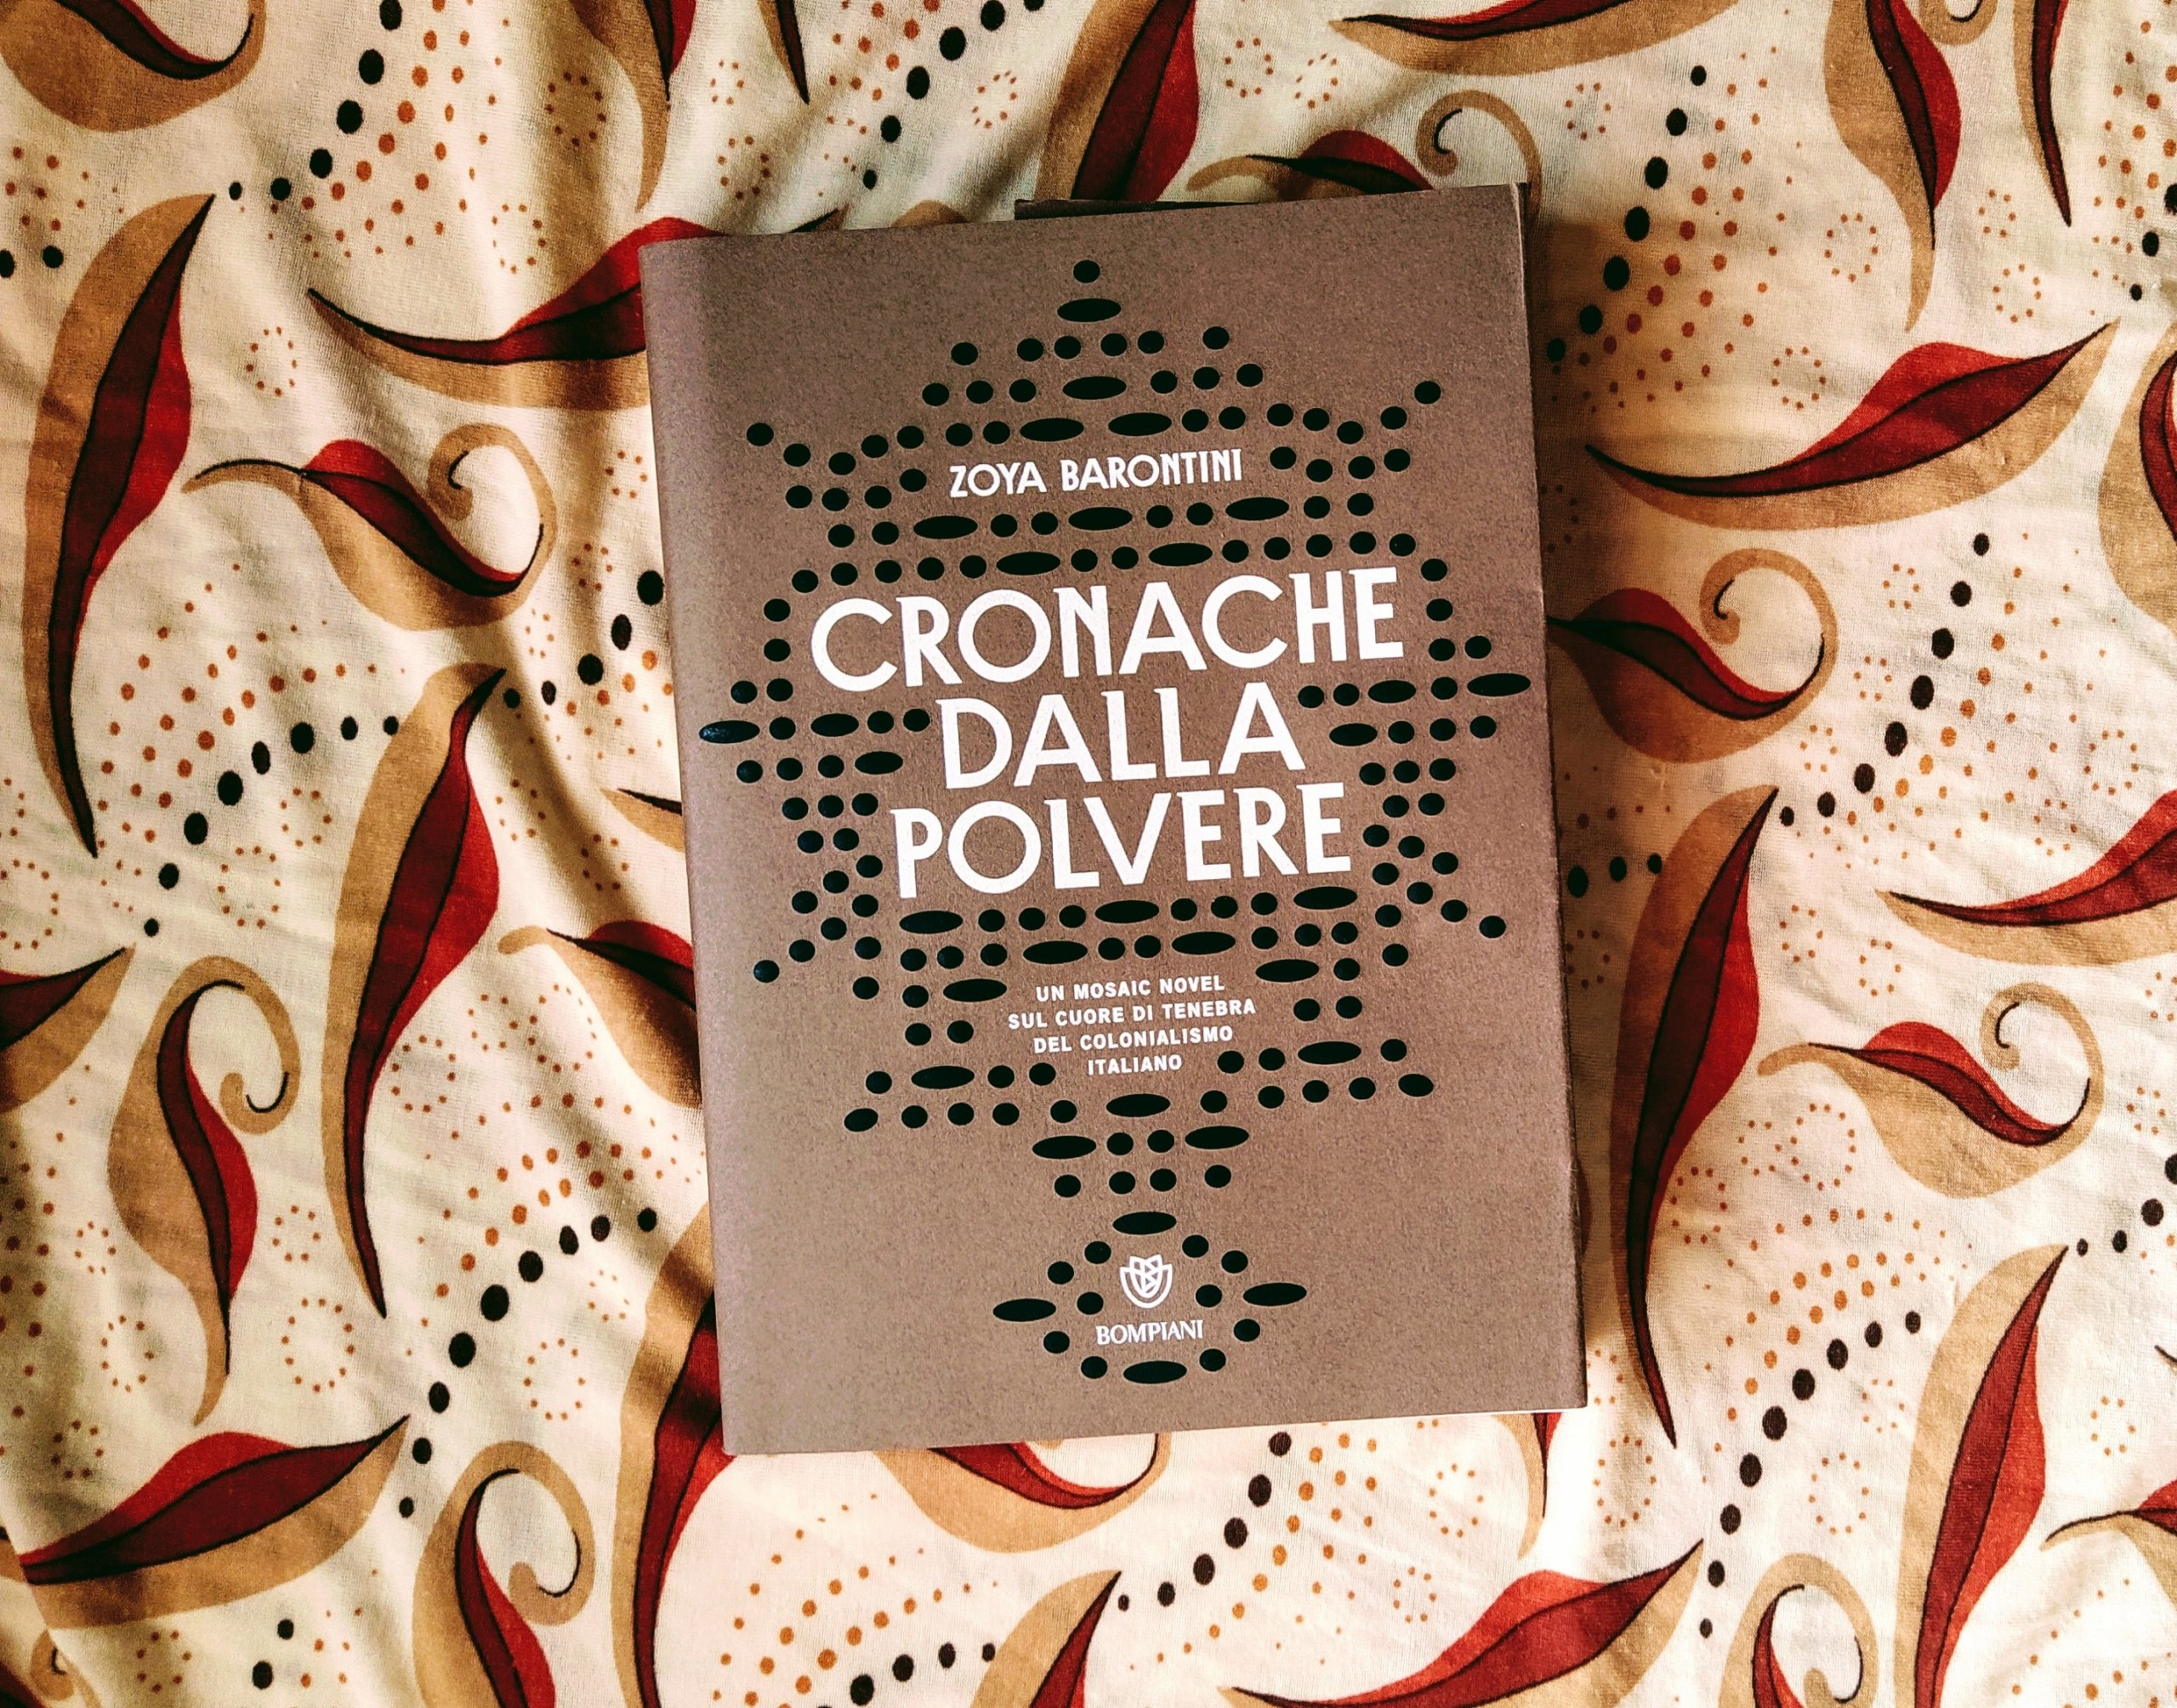 polvere, Afrologist